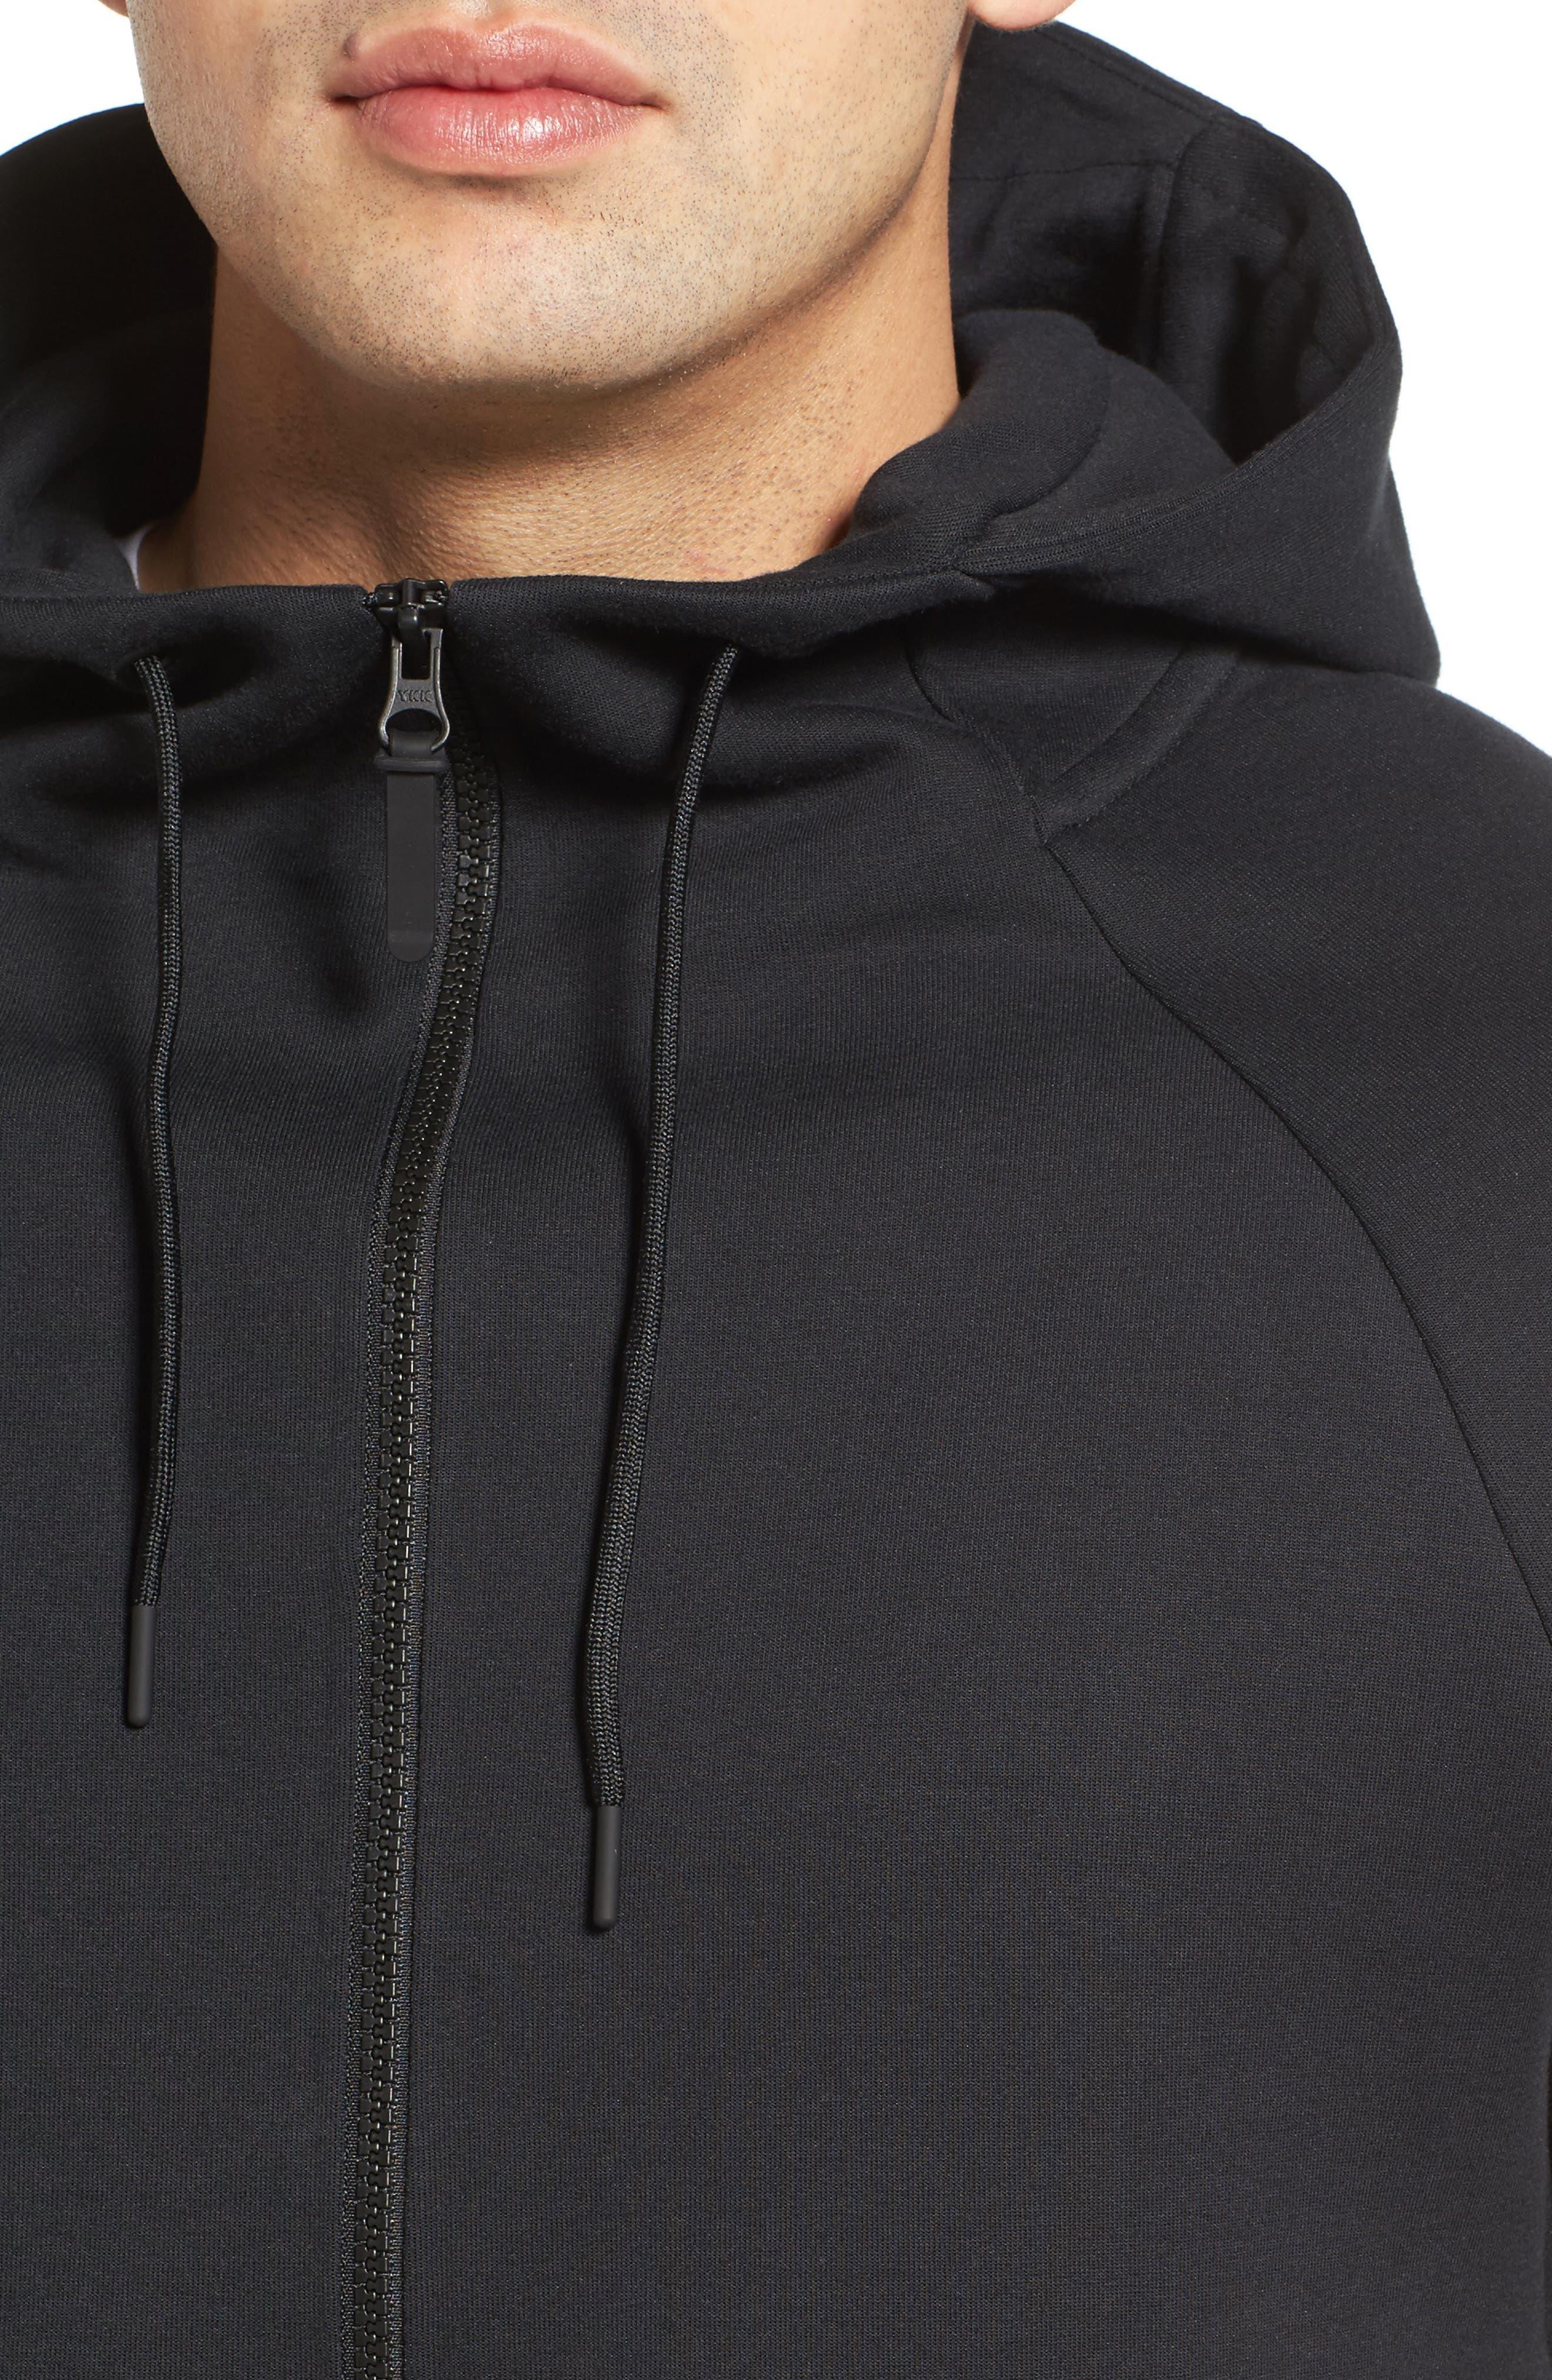 Half-Zip Pullover Hoodie,                             Alternate thumbnail 4, color,                             Black/ Black/ Black